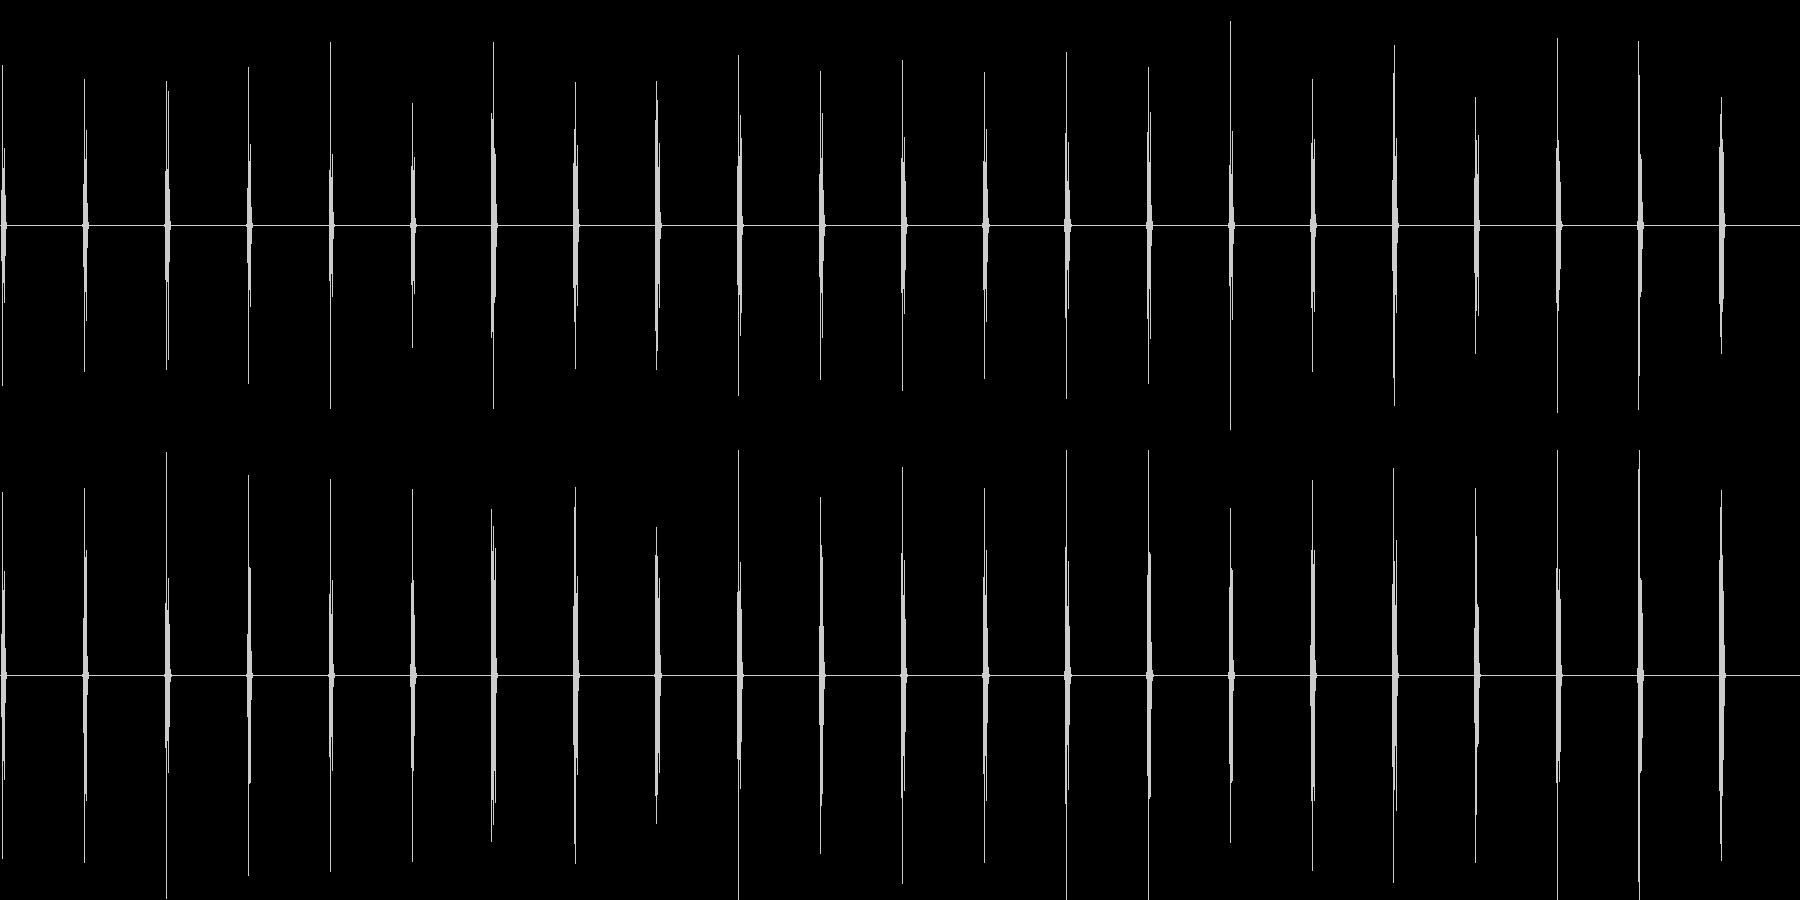 時計の針がカチカチ(プラスチック製時計)の未再生の波形